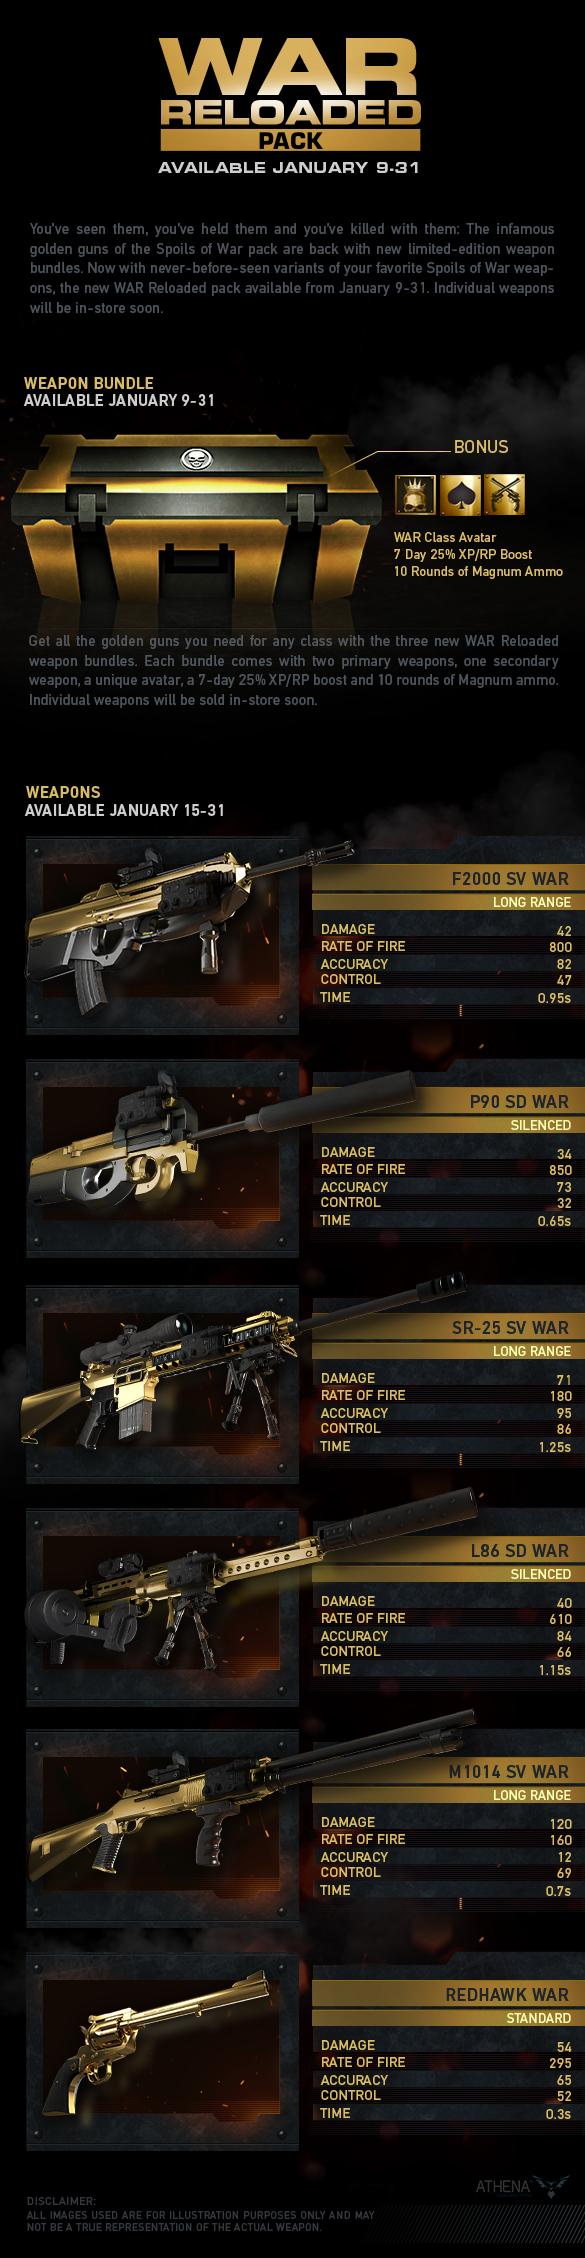 War Reloaded